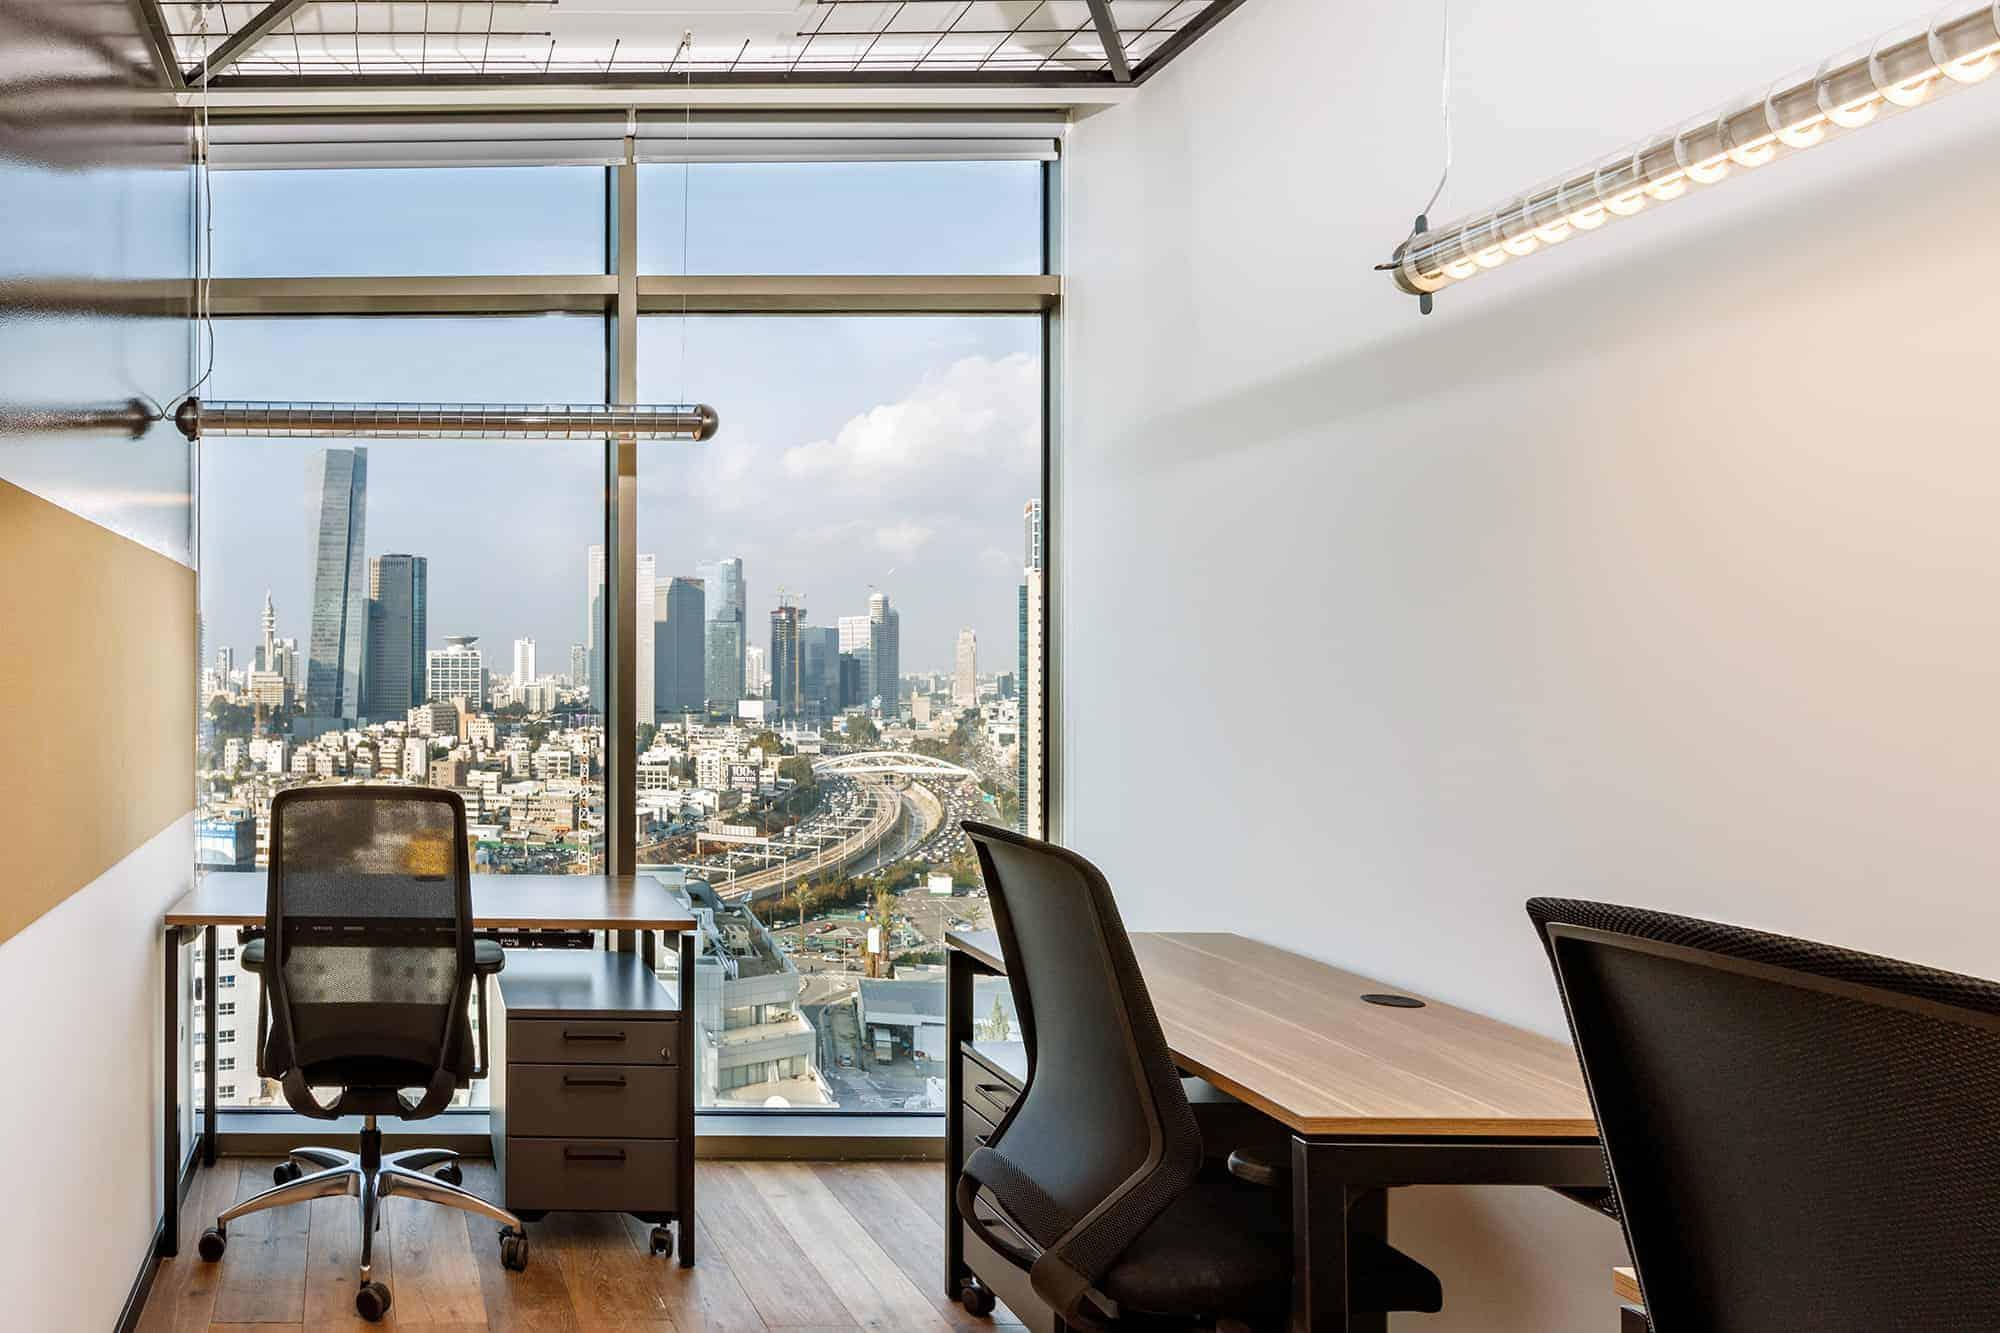 משרד להשכרה בחלל עבודה משותף Brain Embassy תל אביב